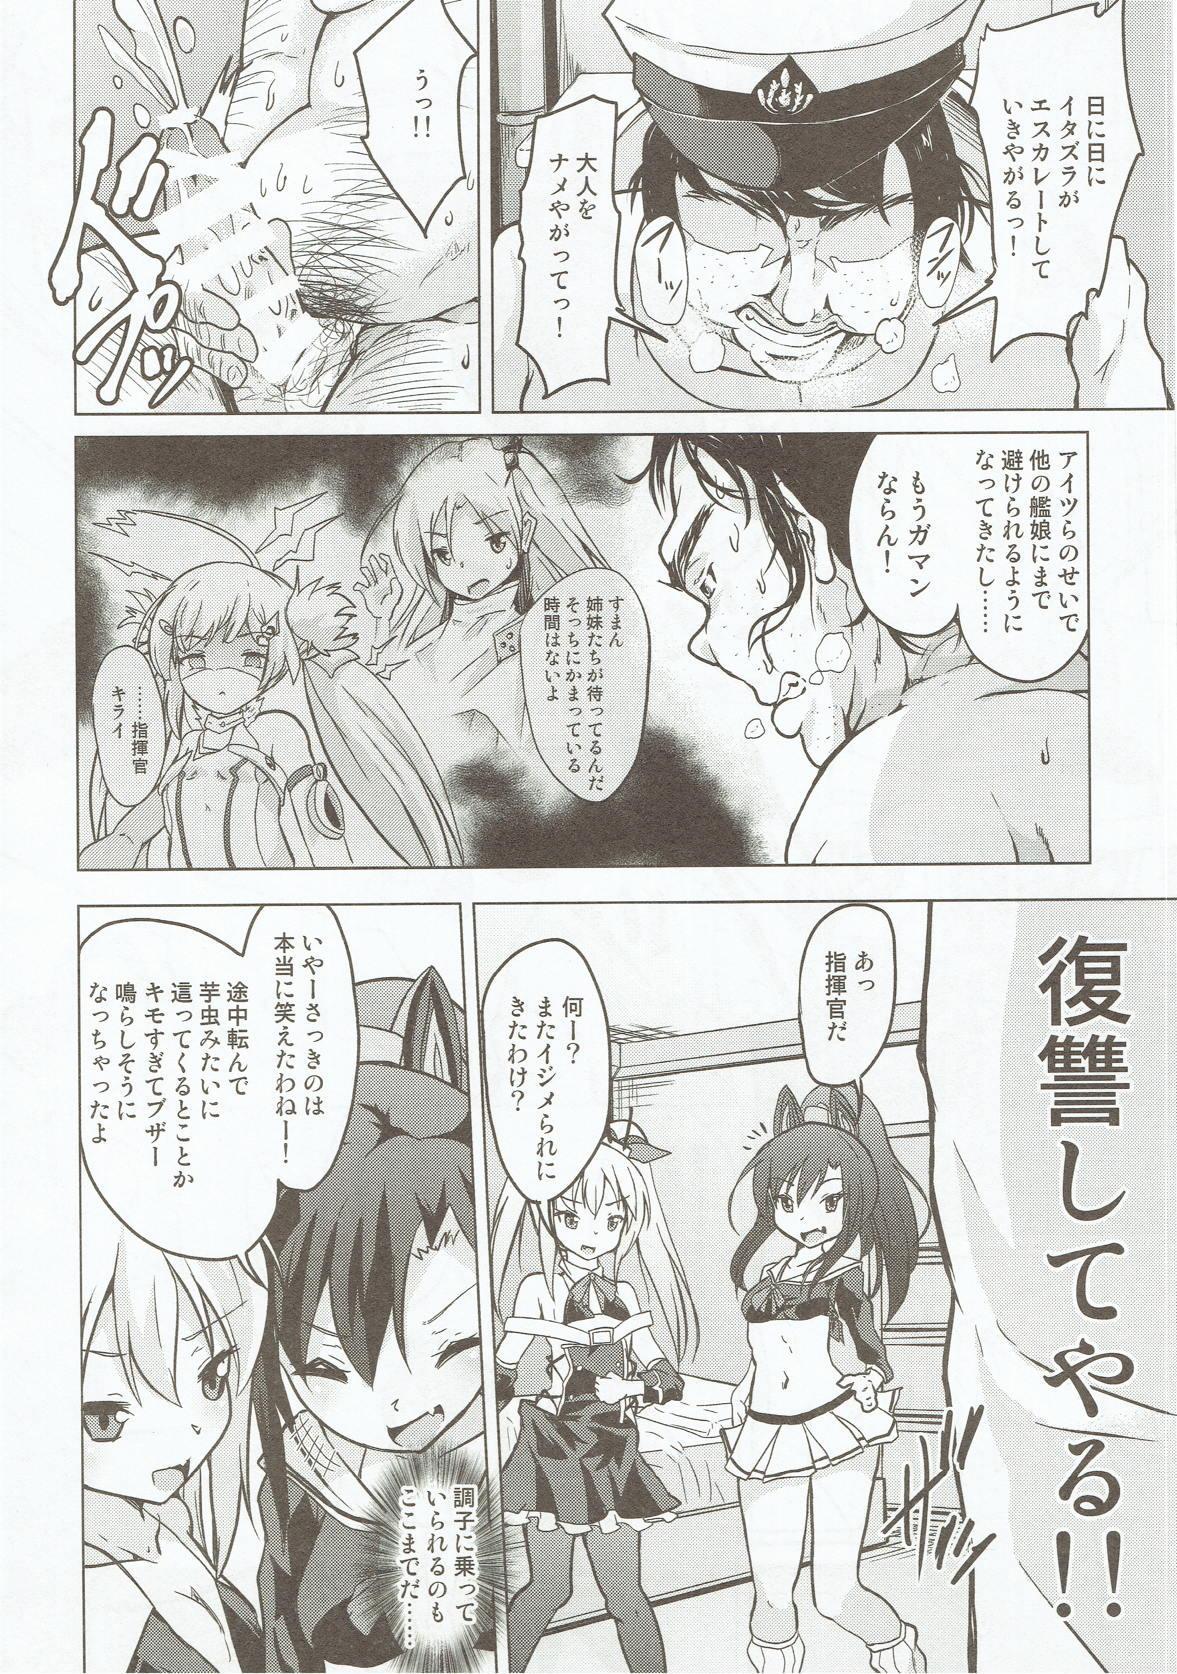 Kuchikukan no Kusogaki-domo ni Chinpo Tedama ni Toraretan desu kedo!!! 2